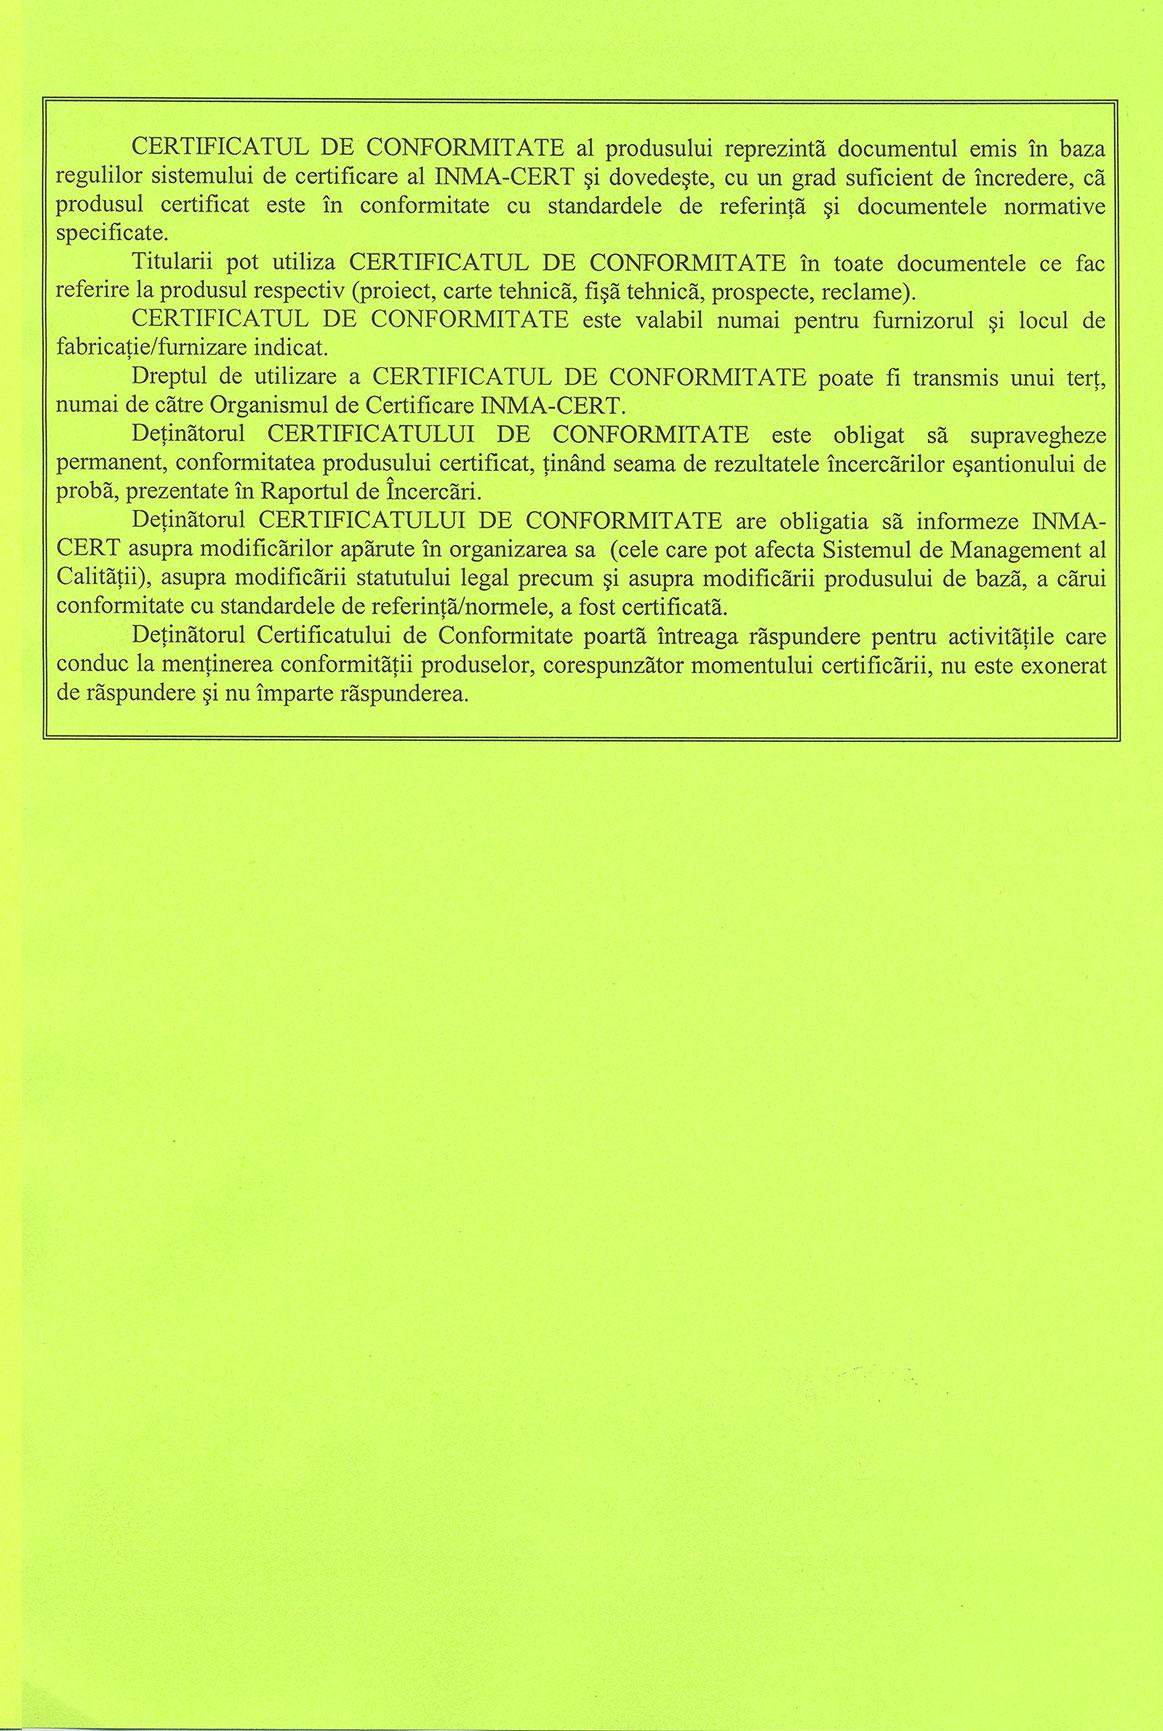 Сертификат CE СЕ для легальной реализации на рынках ЕС сепаратор CAD-1, сепаратор CAD-4, сепаратор CAD-7, сепаратор CAD-10-01, сепаратор CAD-14, сепаратор CAD-30, сепаратор CAD-50, сепаратор CAD-70, сепаратор CAD-150